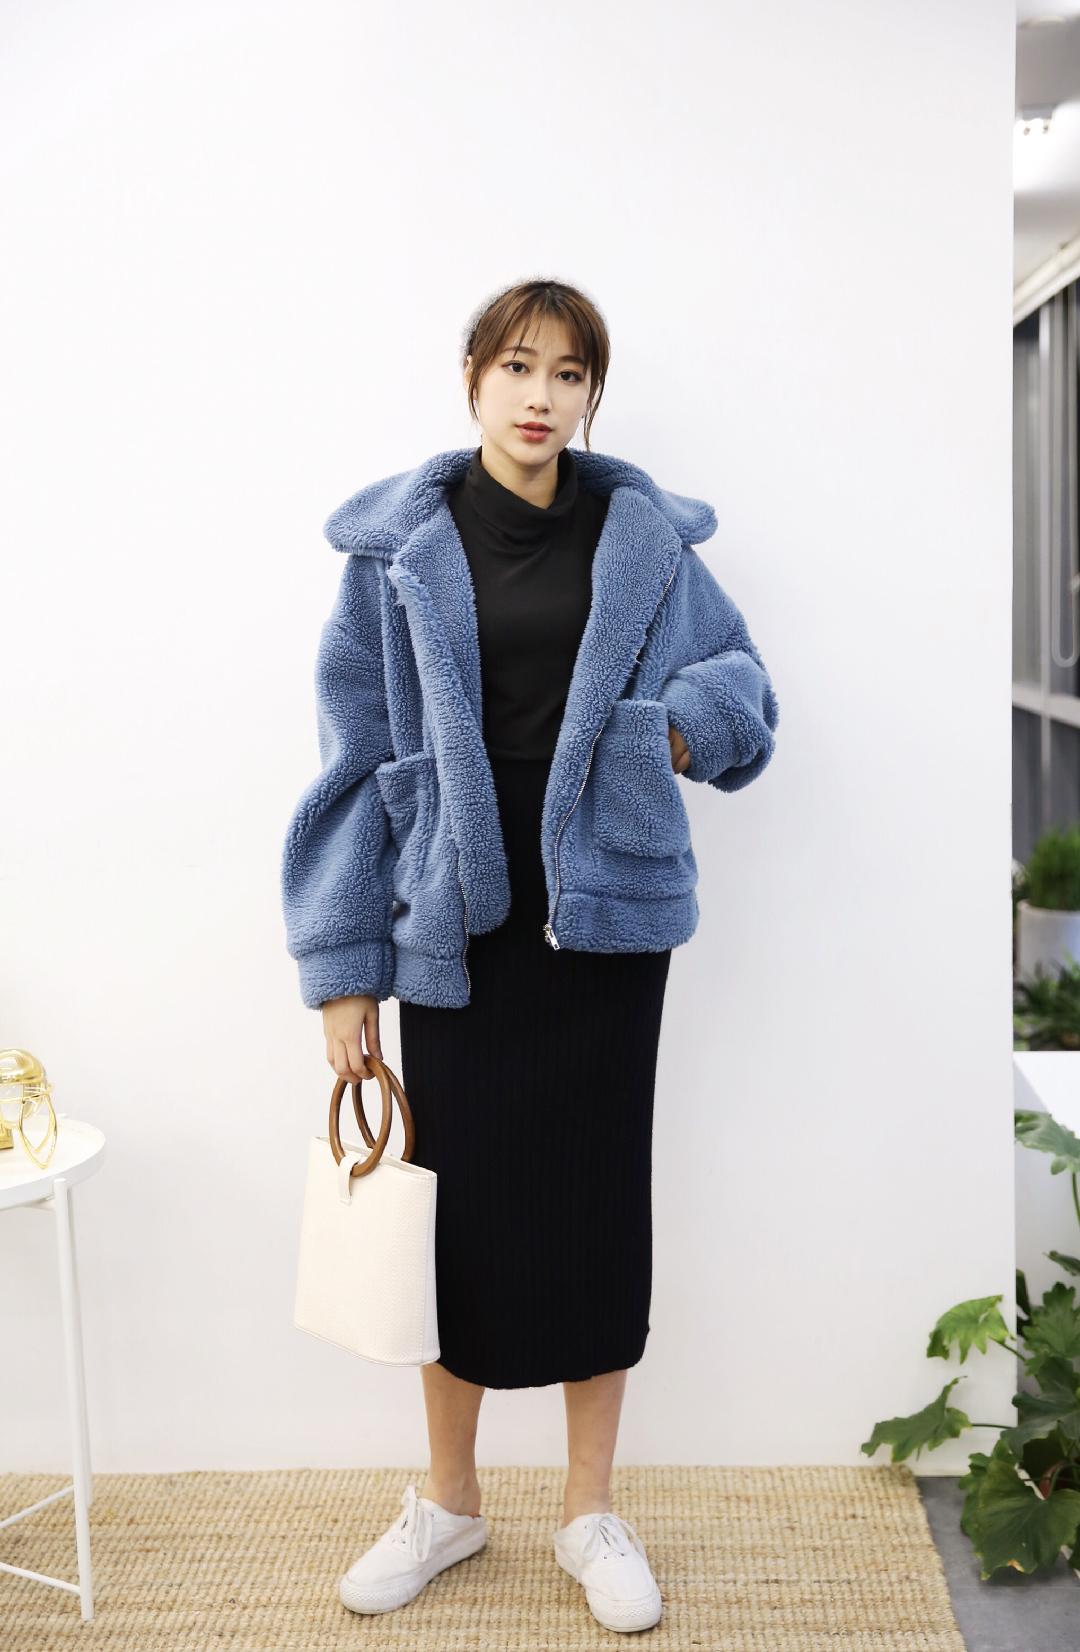 #MOGU STUDIO# 【POPO穿搭】💙💙💙黑色高领打底衫+黑色针织半裙+蓝色摇粒绒外套+小白鞋,很韩系的一套穿搭呀!而且这件外套毛绒绒的真的超级舒服超级暖和哦!